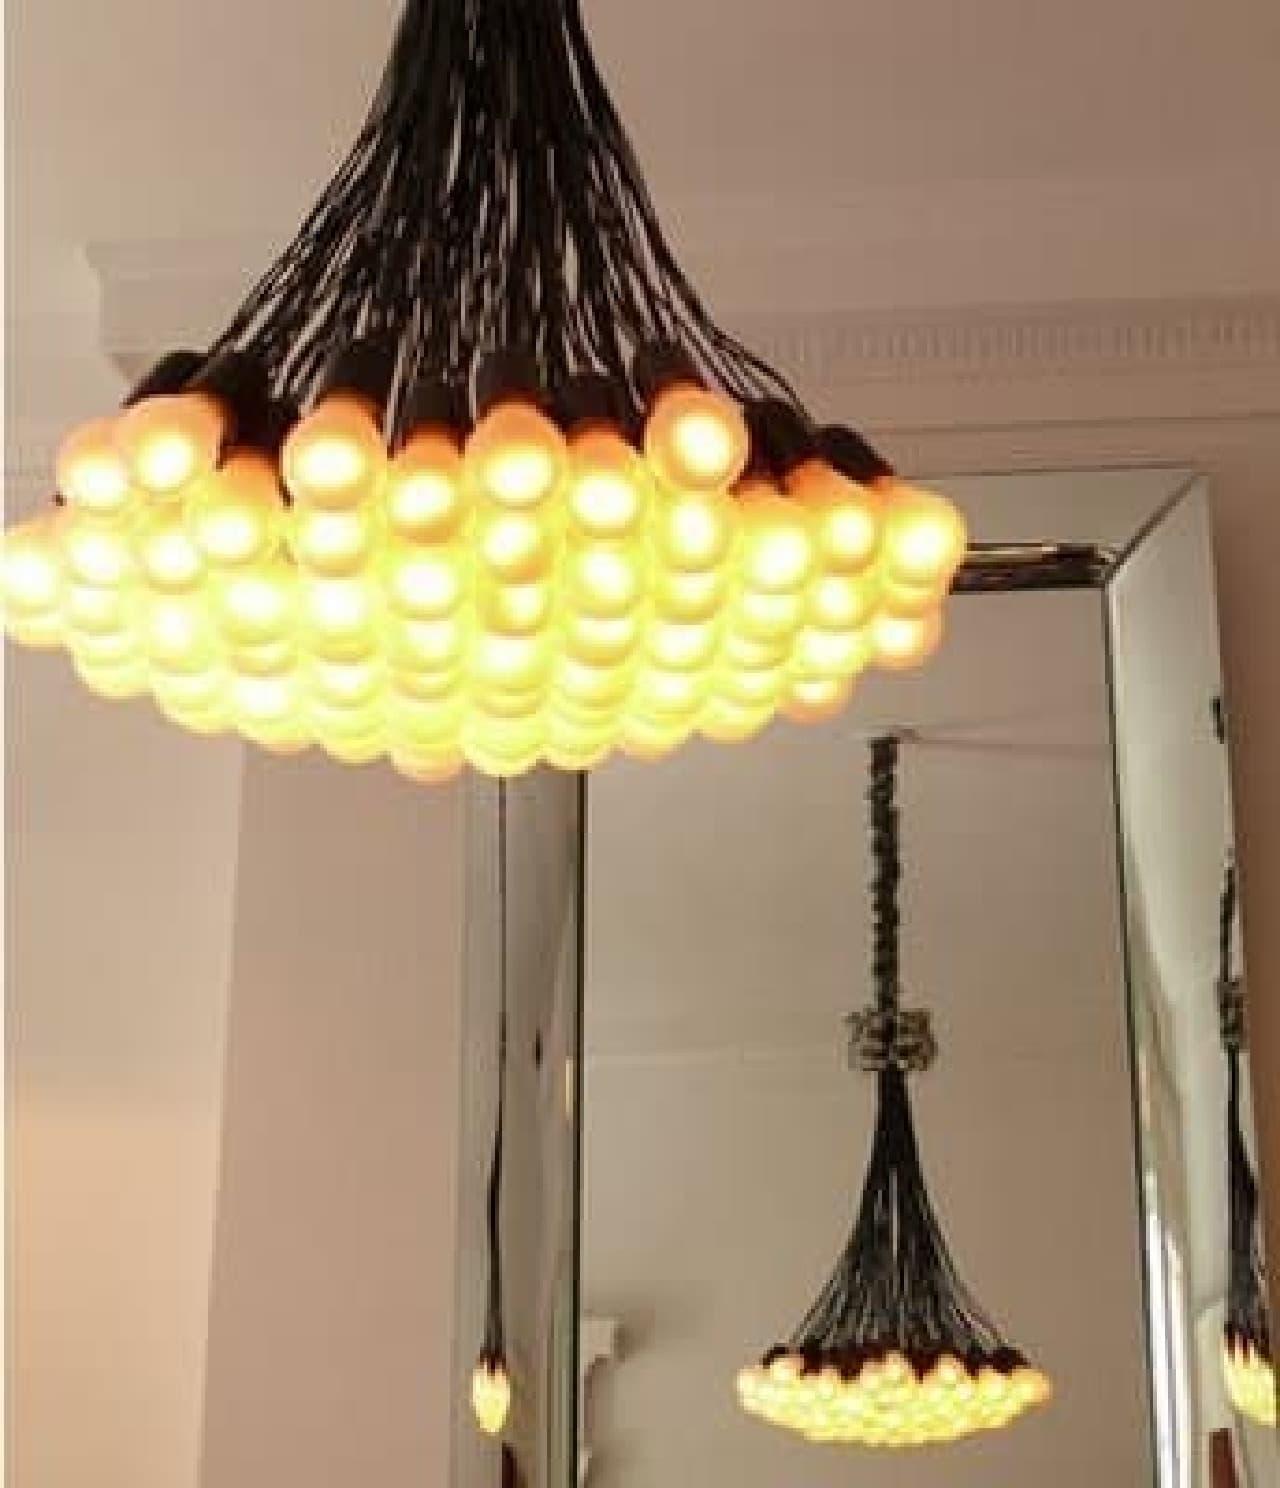 お部屋に飾ると、ほら豪華!  ……裸電球をいっぱい吊るしているだけなんですけどね